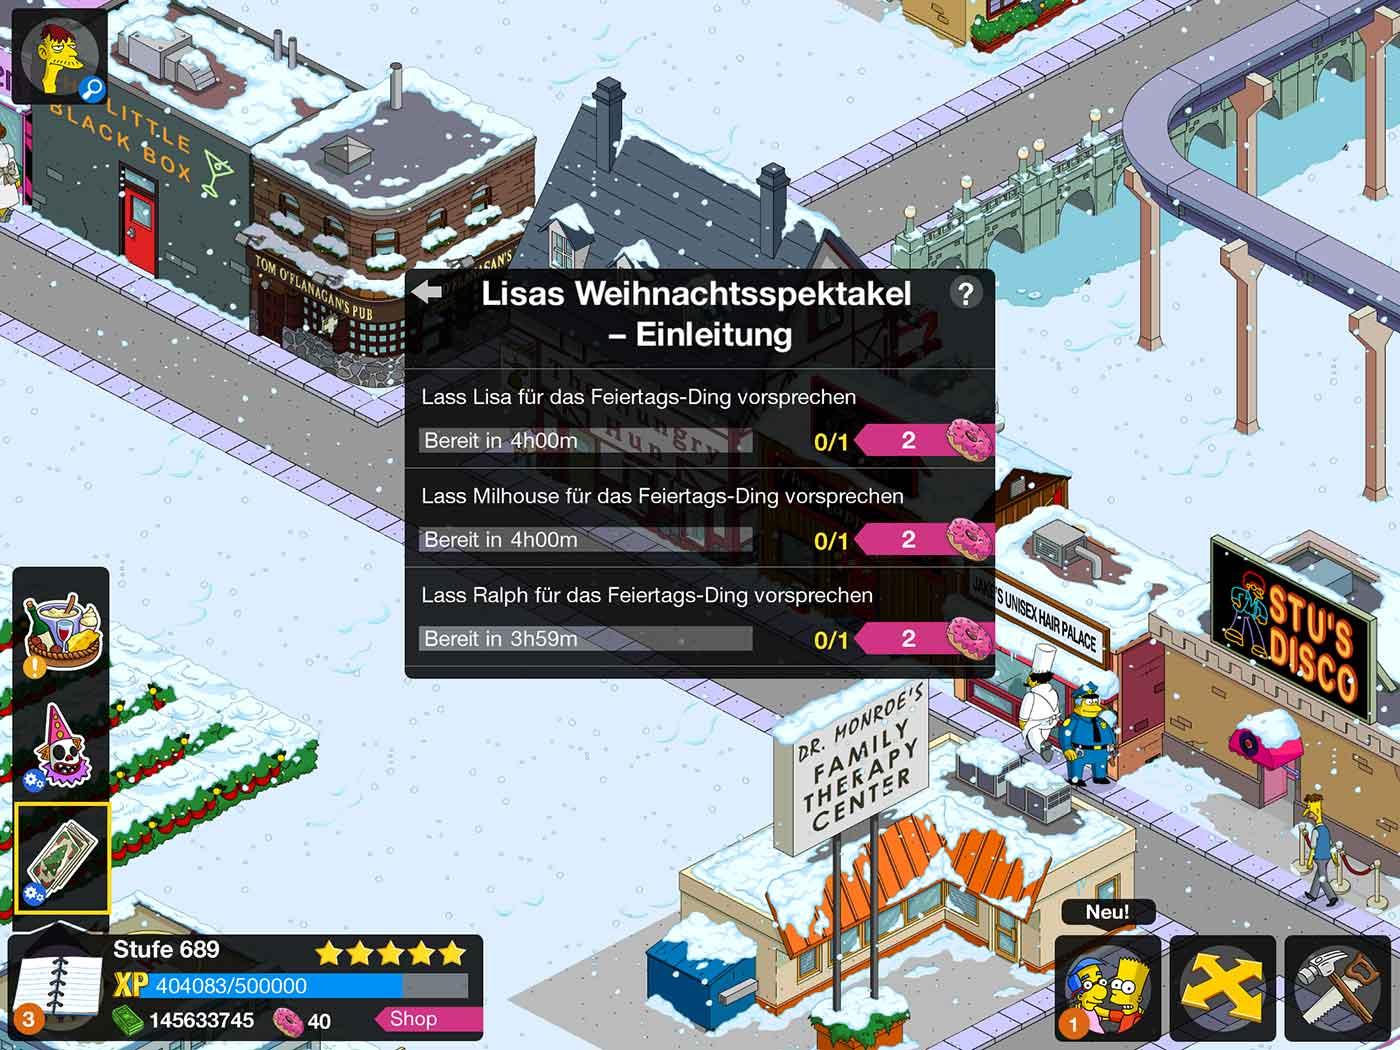 Lisas Erster Weihnachtsbaum.Simpsons Springfield Winter 2018 Event übersicht Tipps Währungen